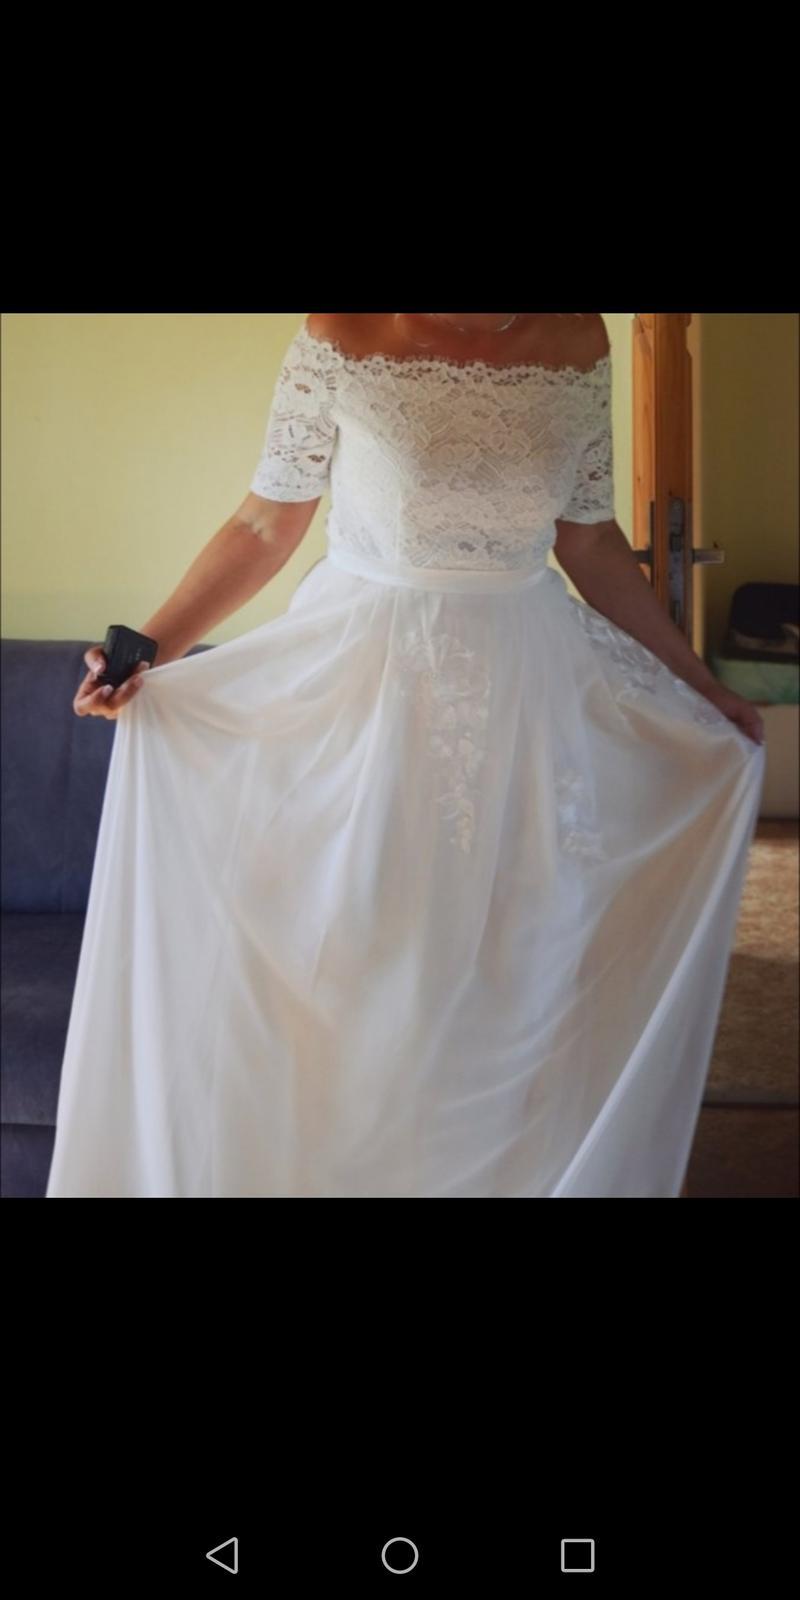 svadobná sukňa a body, veľkosť 40 - Obrázok č. 3